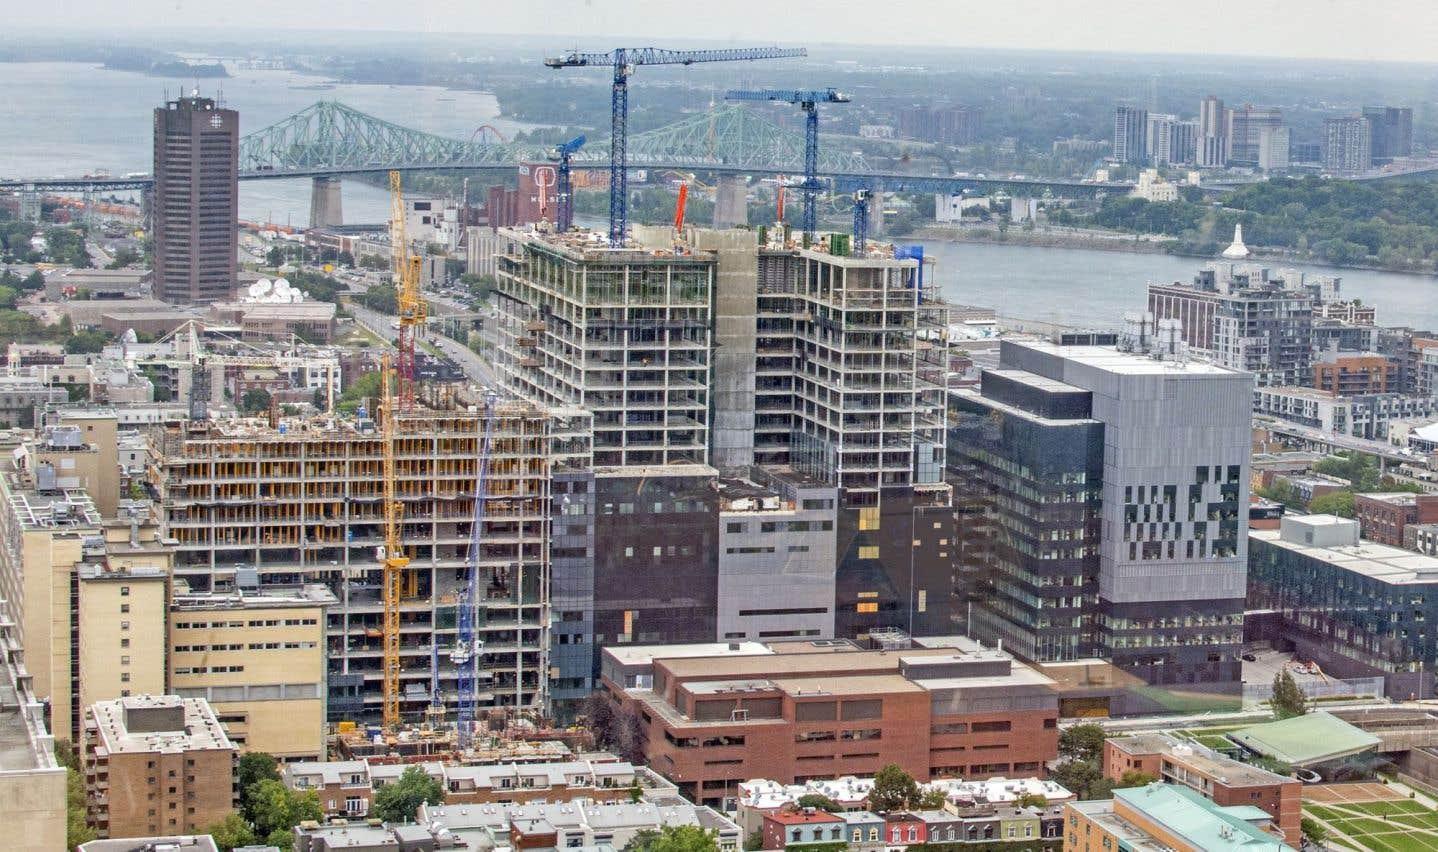 Le directeur général du CHUM, Jacques Turgeon, assure que le nouvel hôpital devrait être fonctionnel dans le courant de 2017, après le déménagement de Notre-Dame.